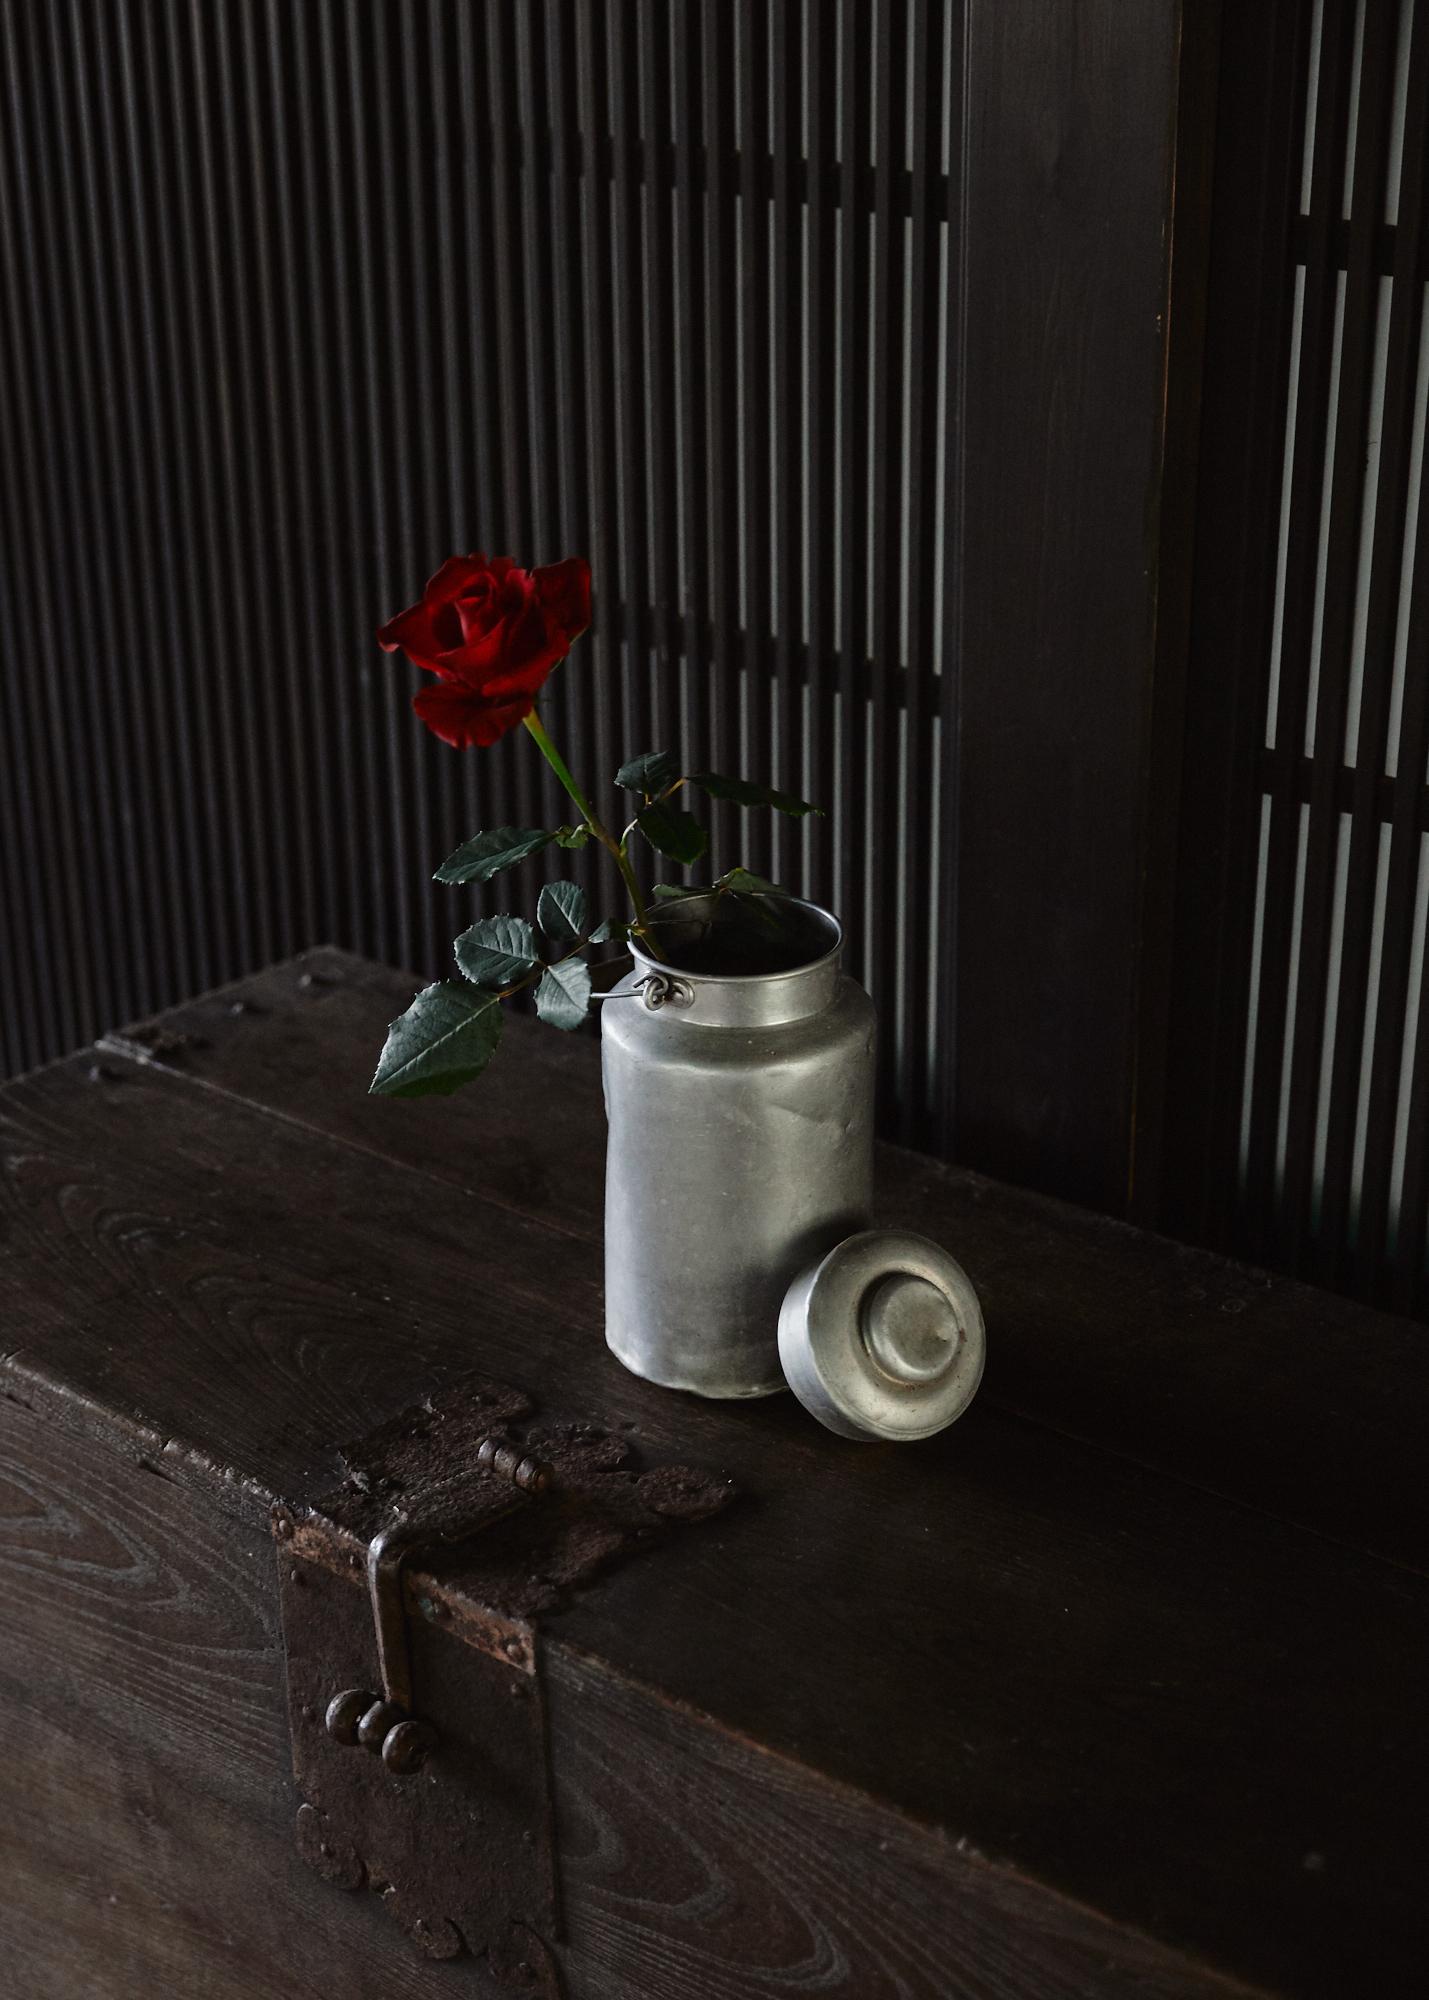 何気なく飾られているものが奇をてらっていないように感じられて好き。この花瓶はミルクポットかな?